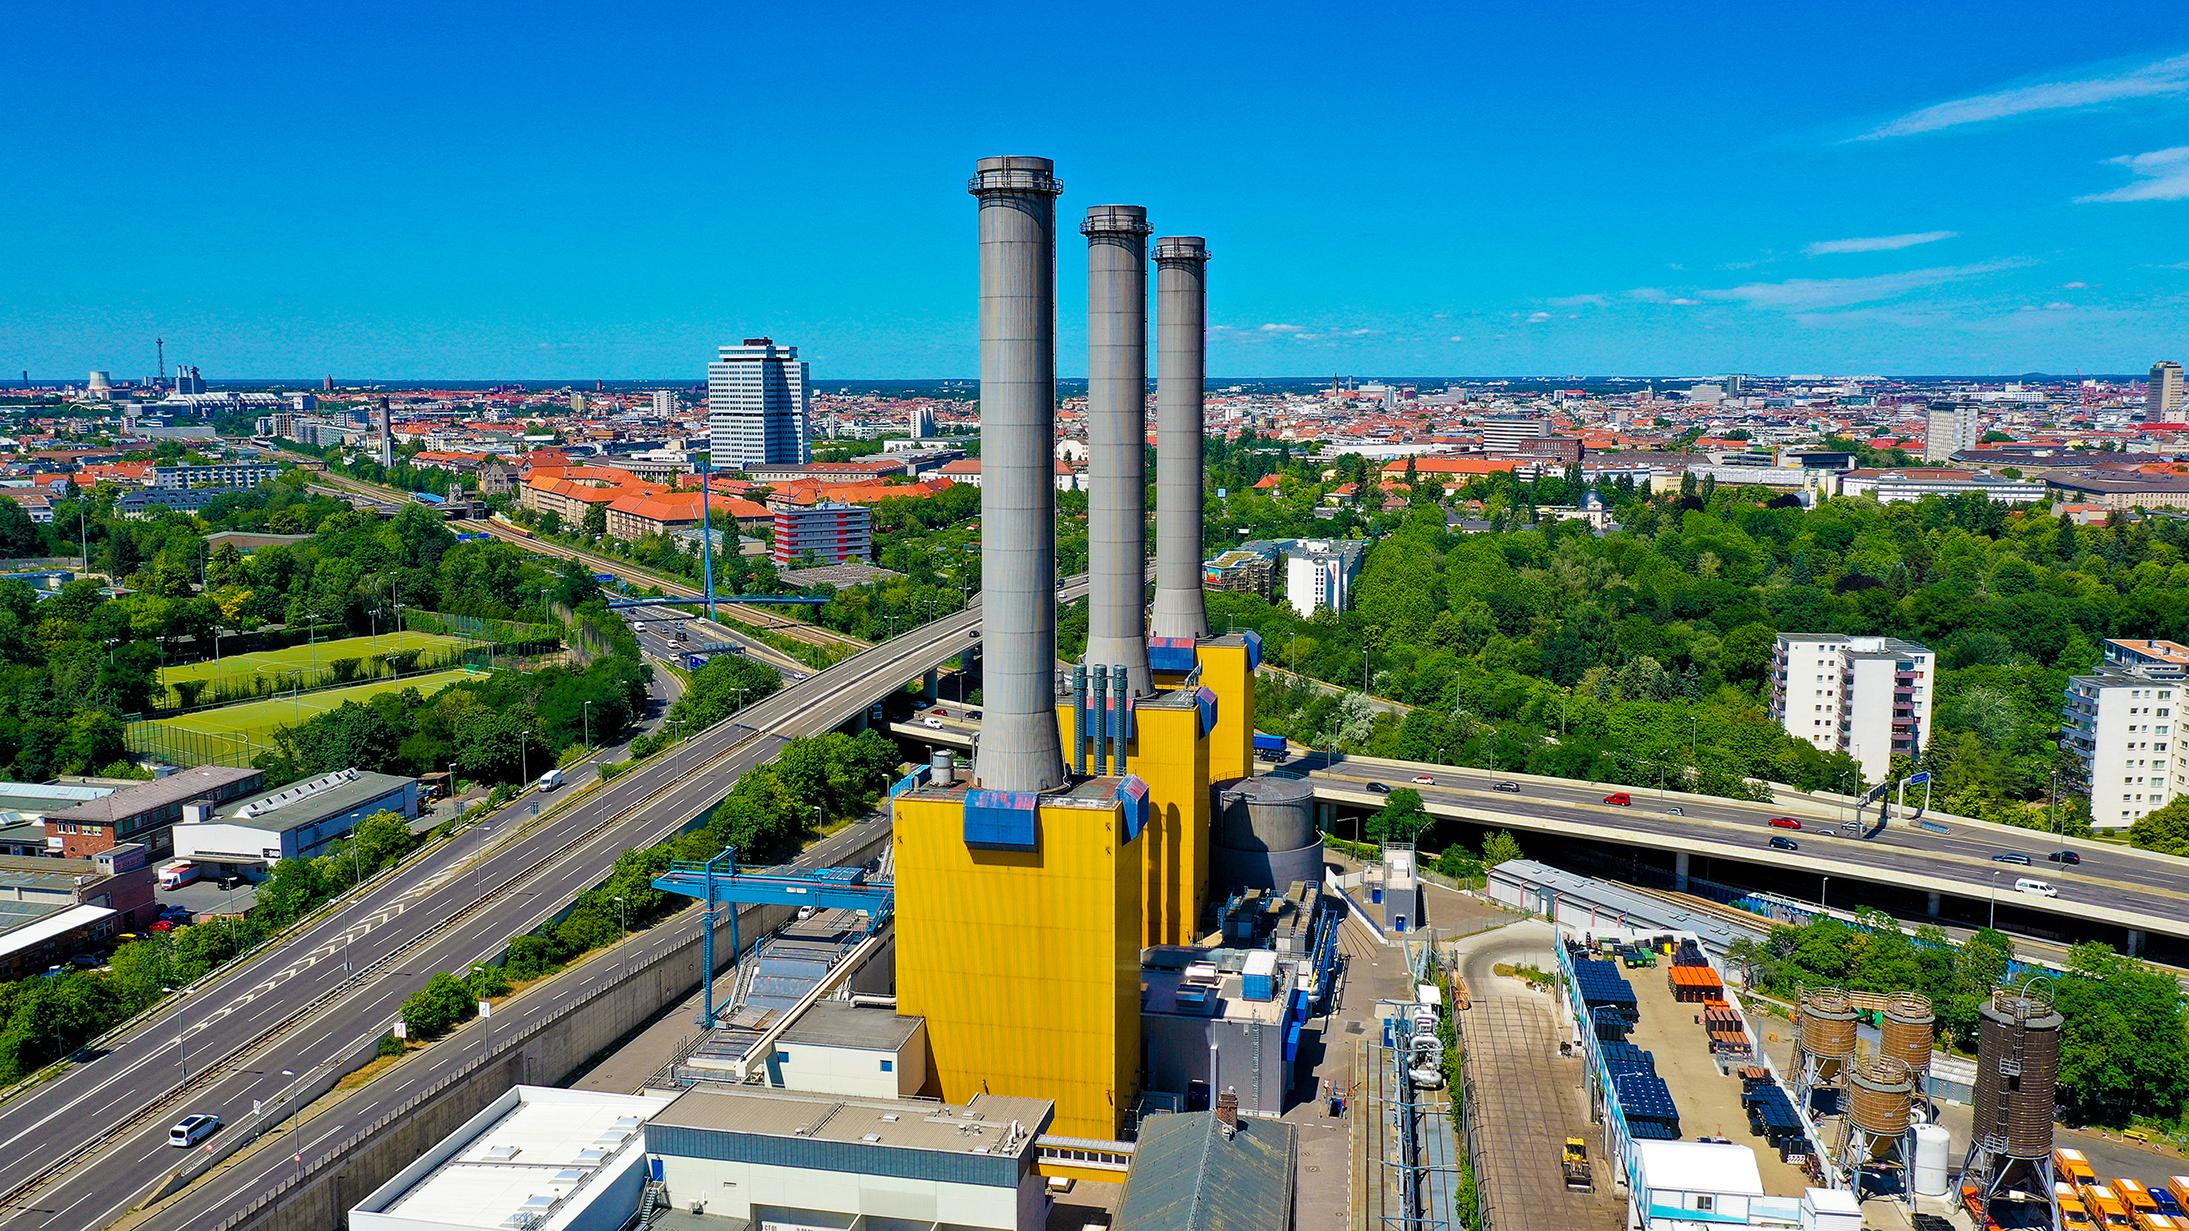 Luftbild des Wilmersdorfer Heizkraftwerks. Foto: Vattenfall/Andreas Friese